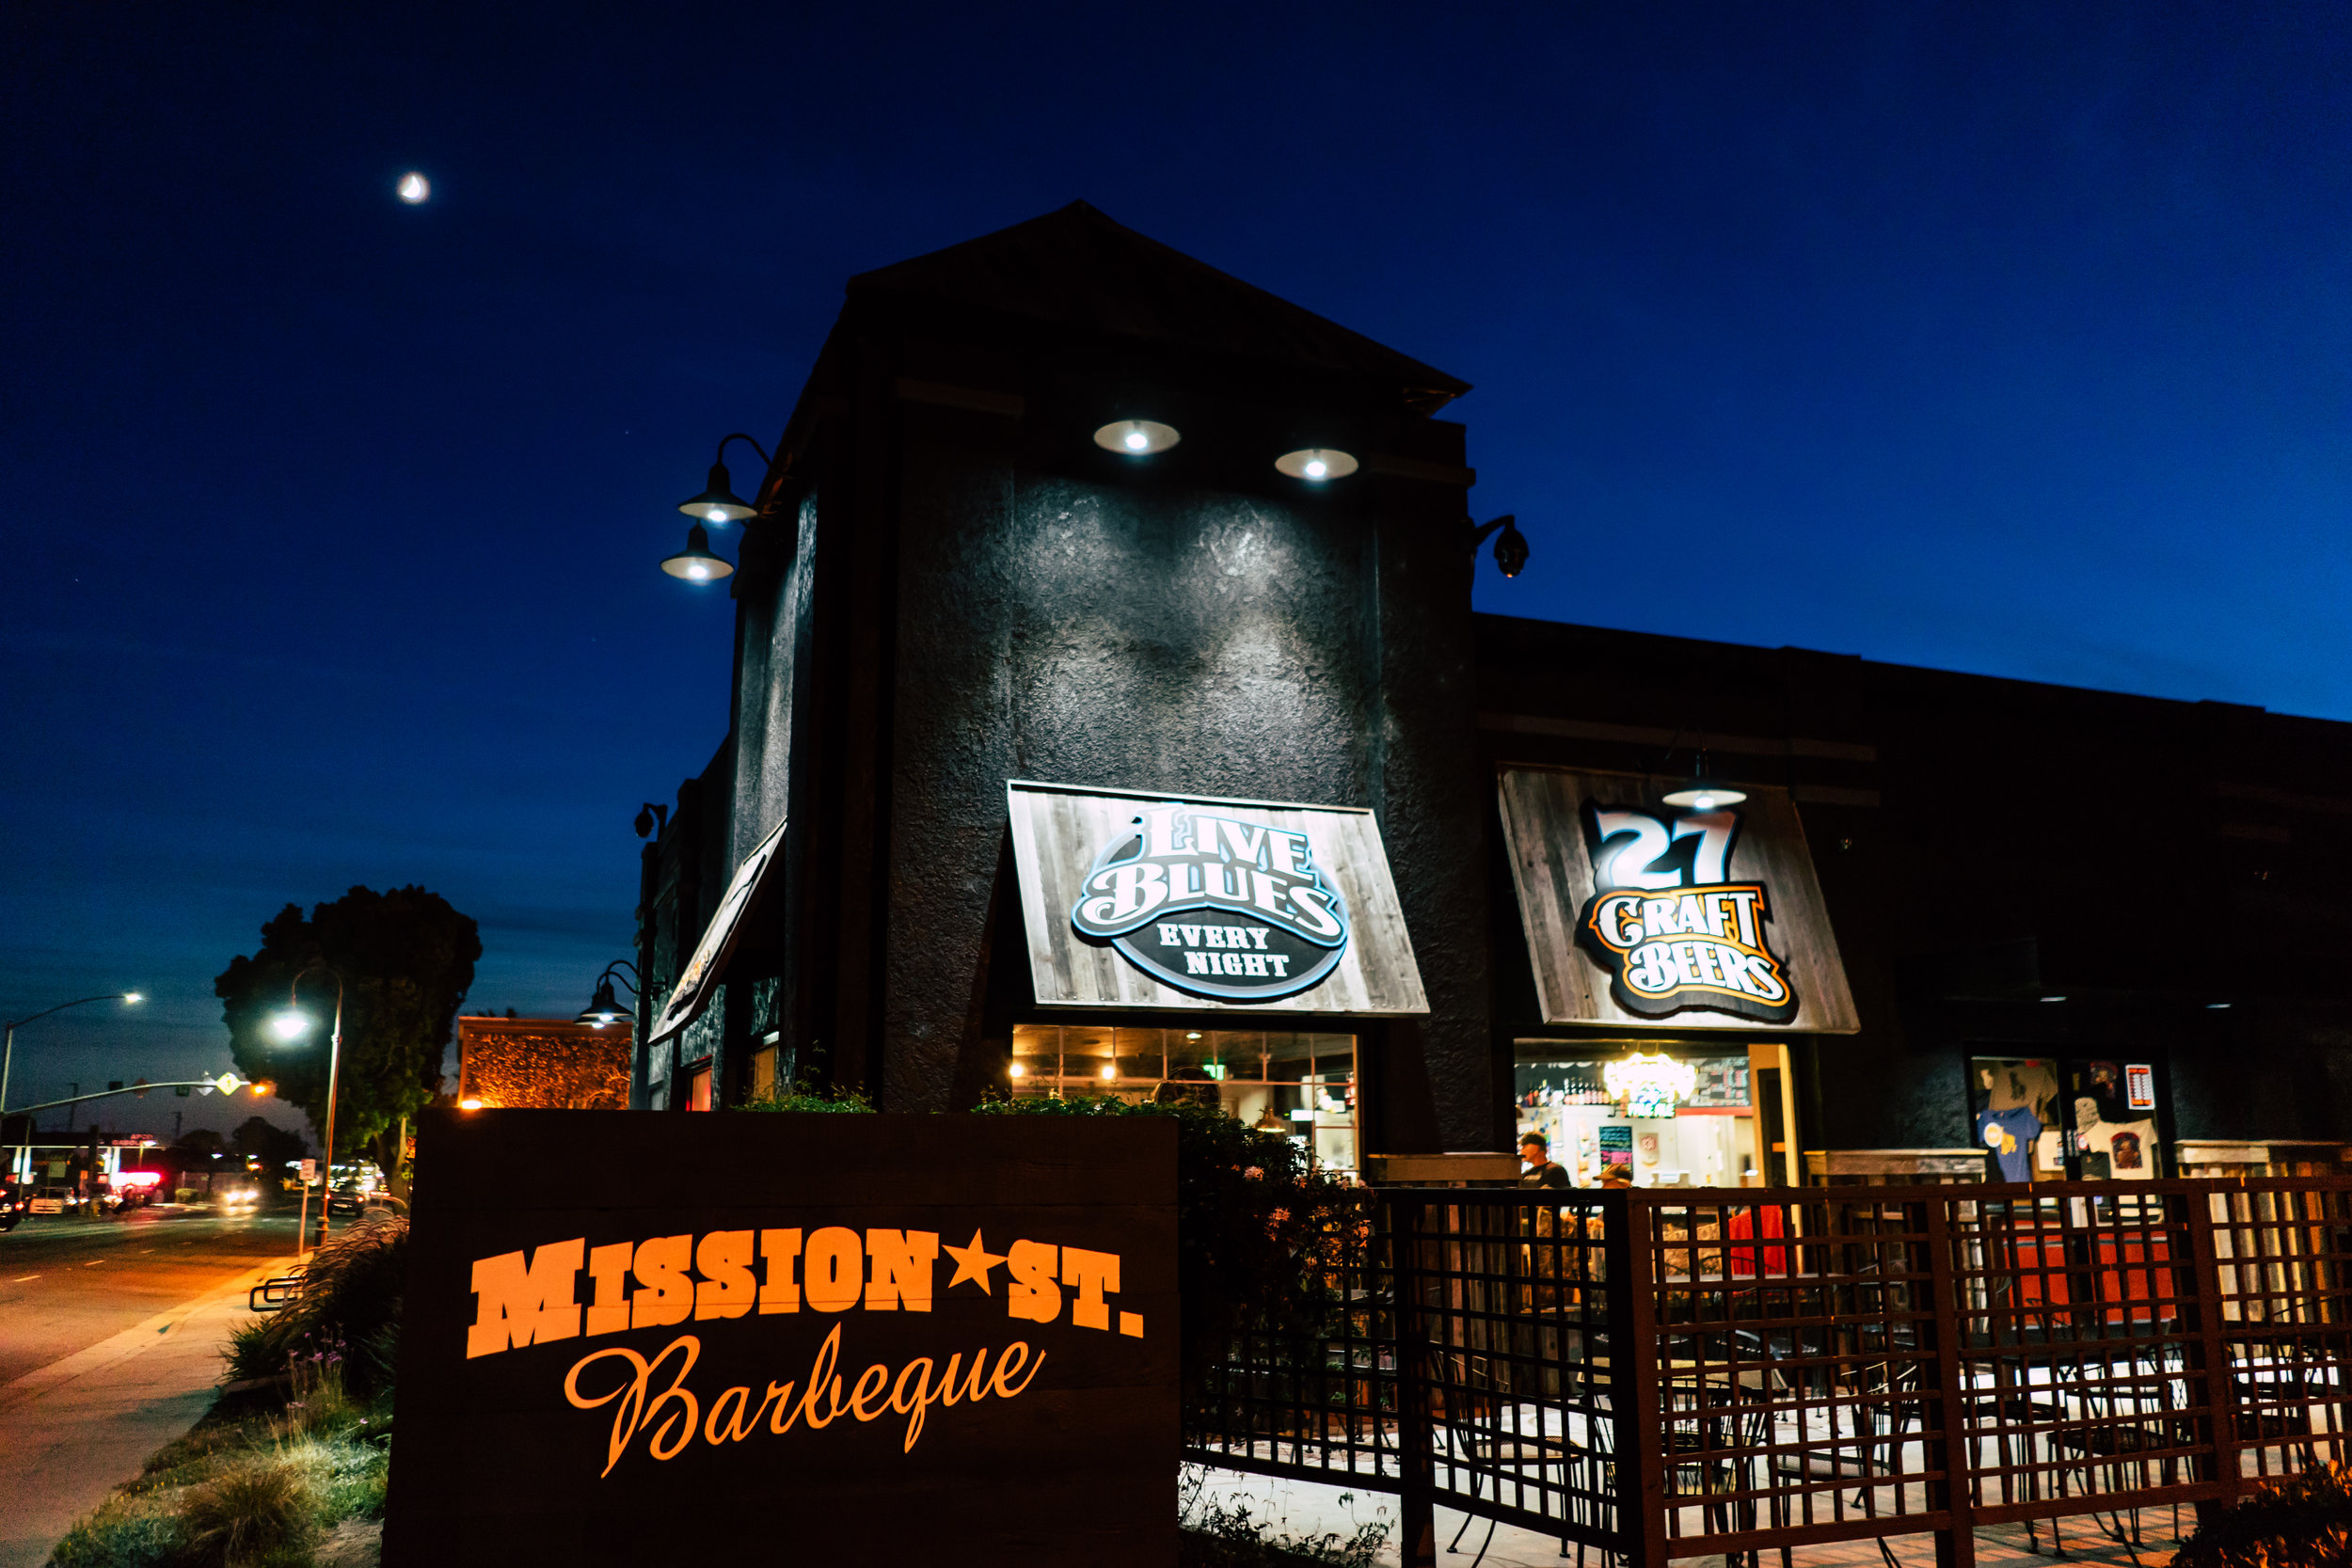 Mission Street BBQ Live Music